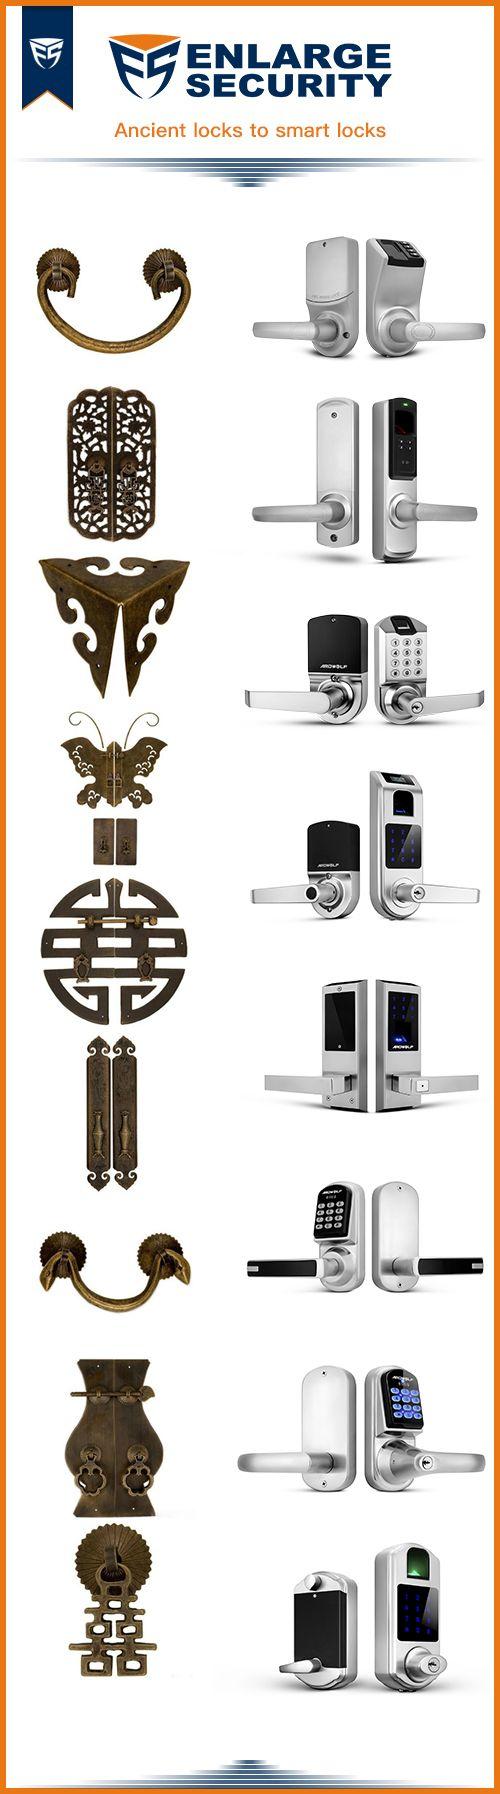 The evolution of door locks, from ancient door locks to the current smart door locks. Check out the smart door locks at EnlargeSecurity.